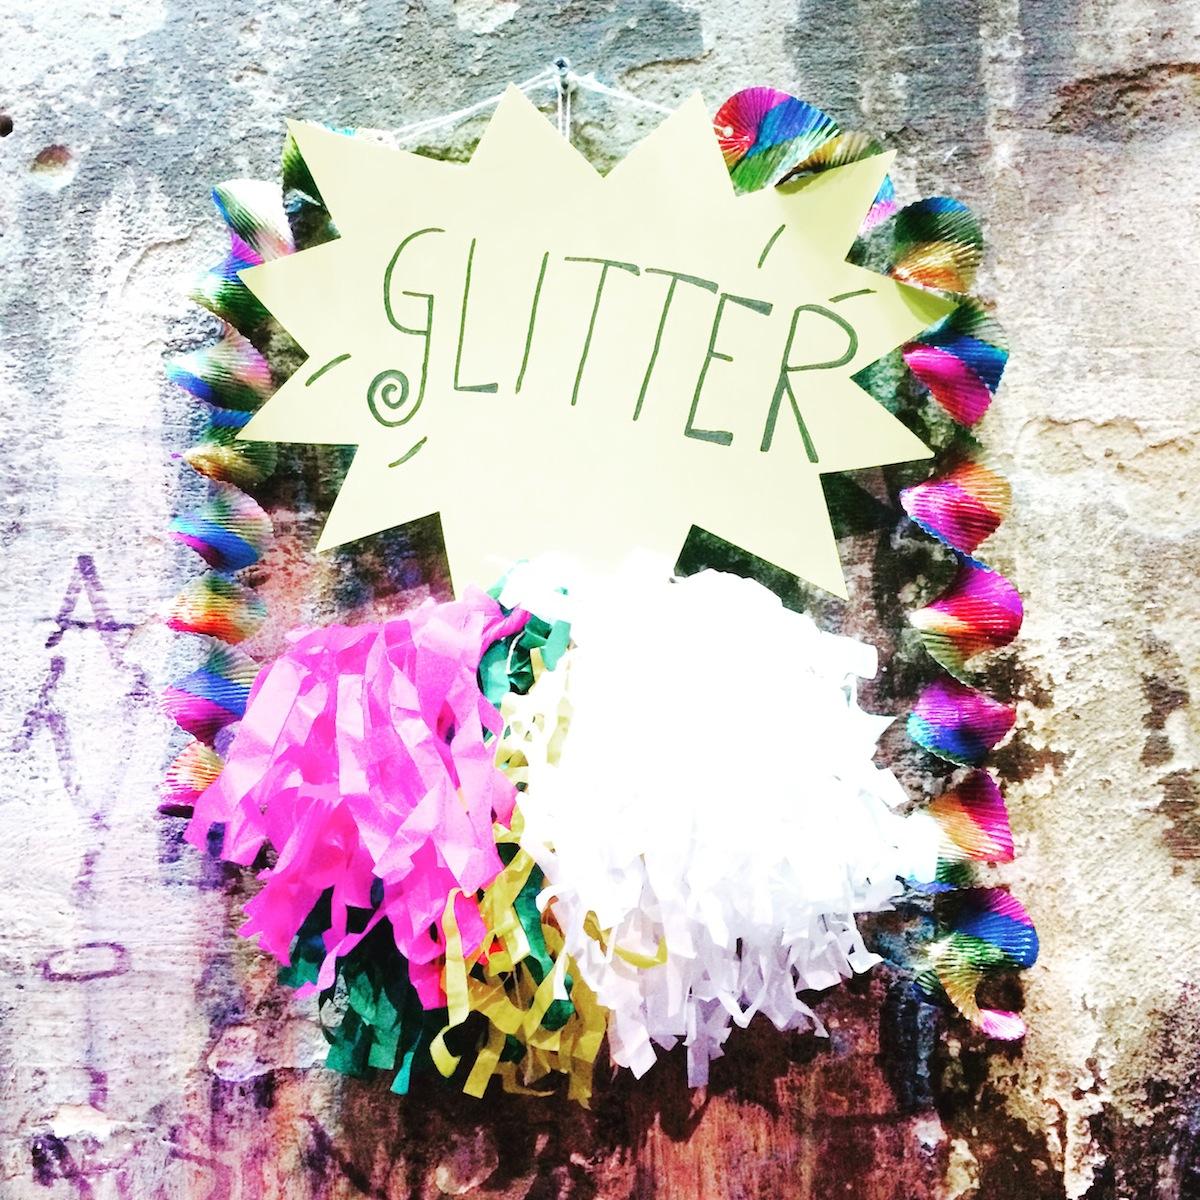 Morning Gloryville Wakeup Makeup Glitter Bar